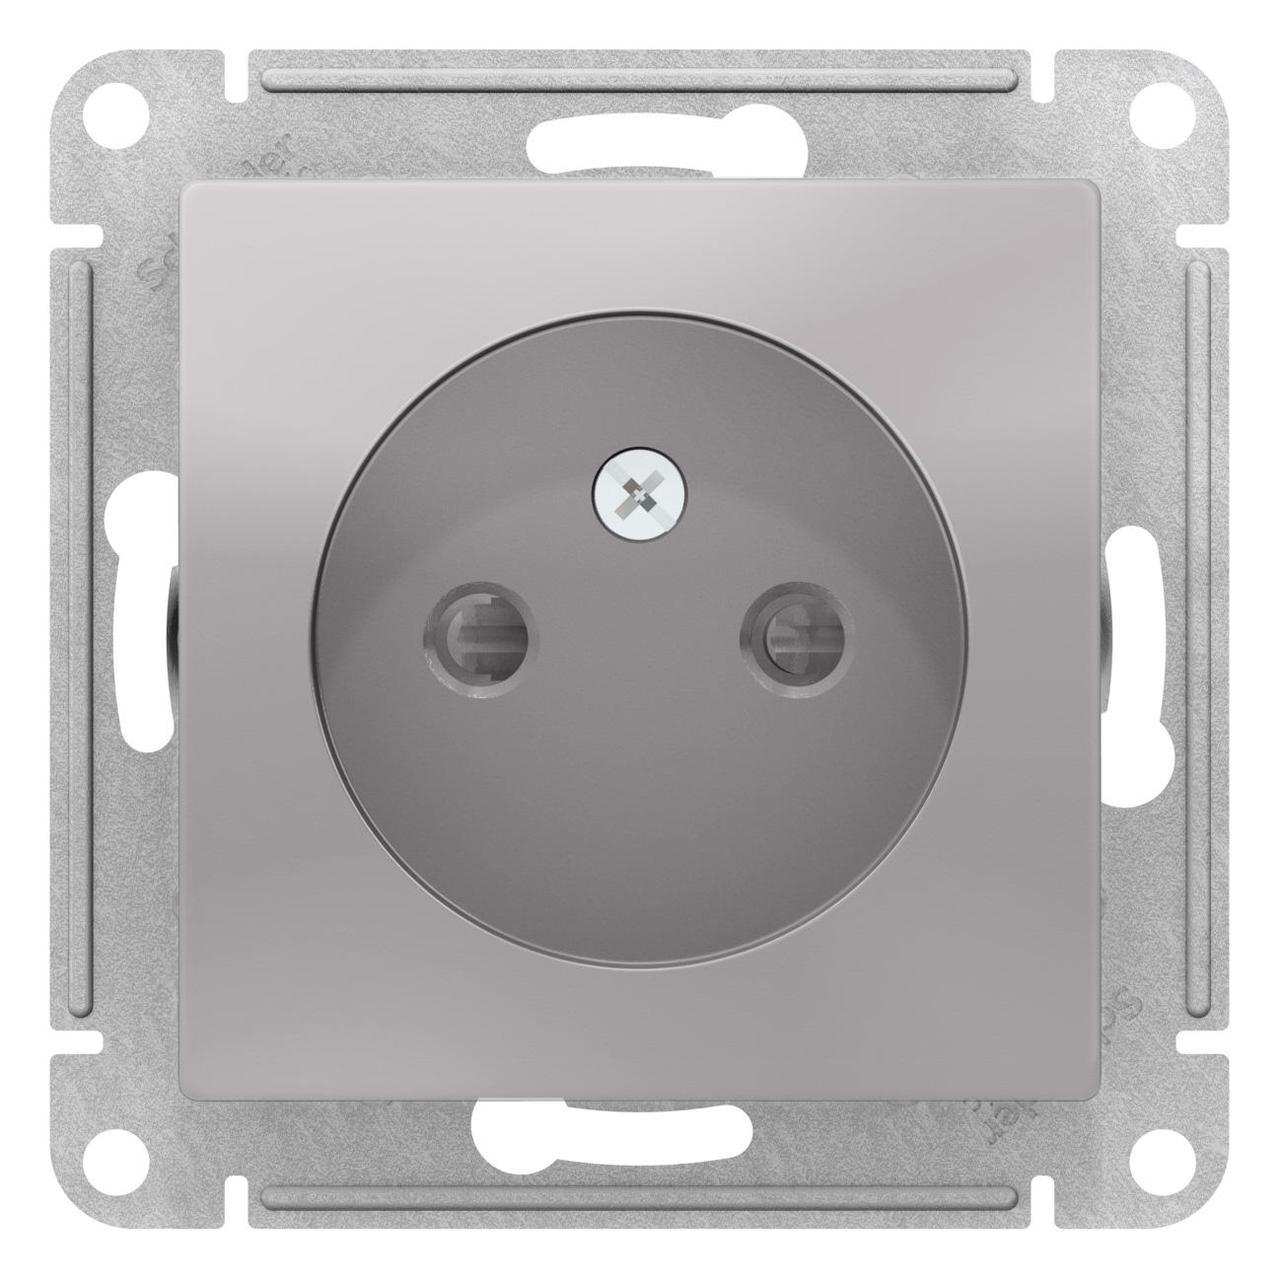 Розетка 1-ая электрическая без заземления с защитными шторками , Алюминий, серия Atlas Design, Schneider